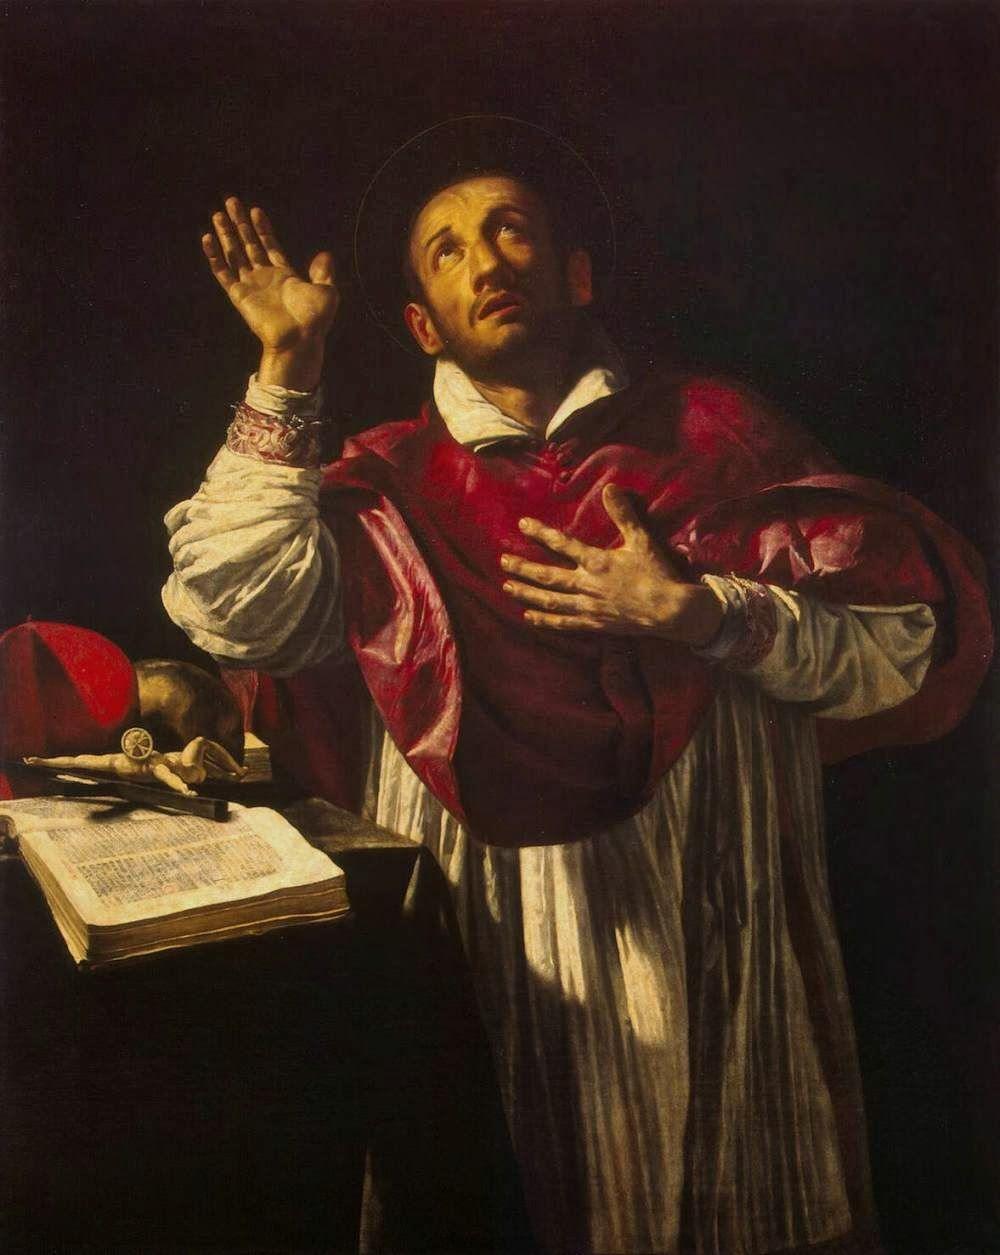 Andreia Horta A Cura orazio borgianni, st carlo borromeo   saint charles borromeo